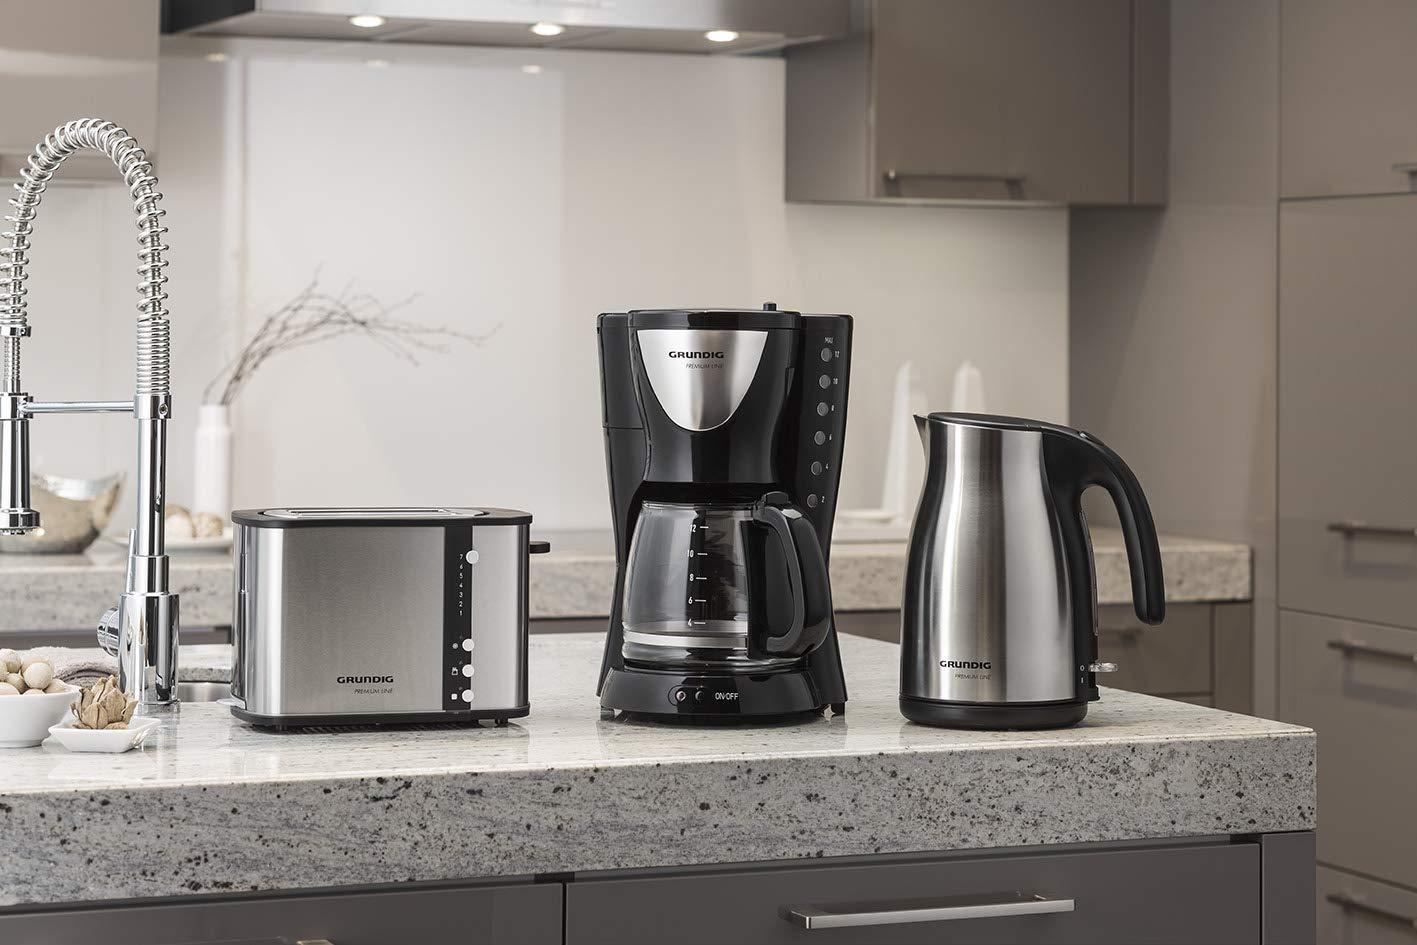 Grundig-KM-5260-Premium-Kaffeemaschine-950-Watt-schwarz-silber